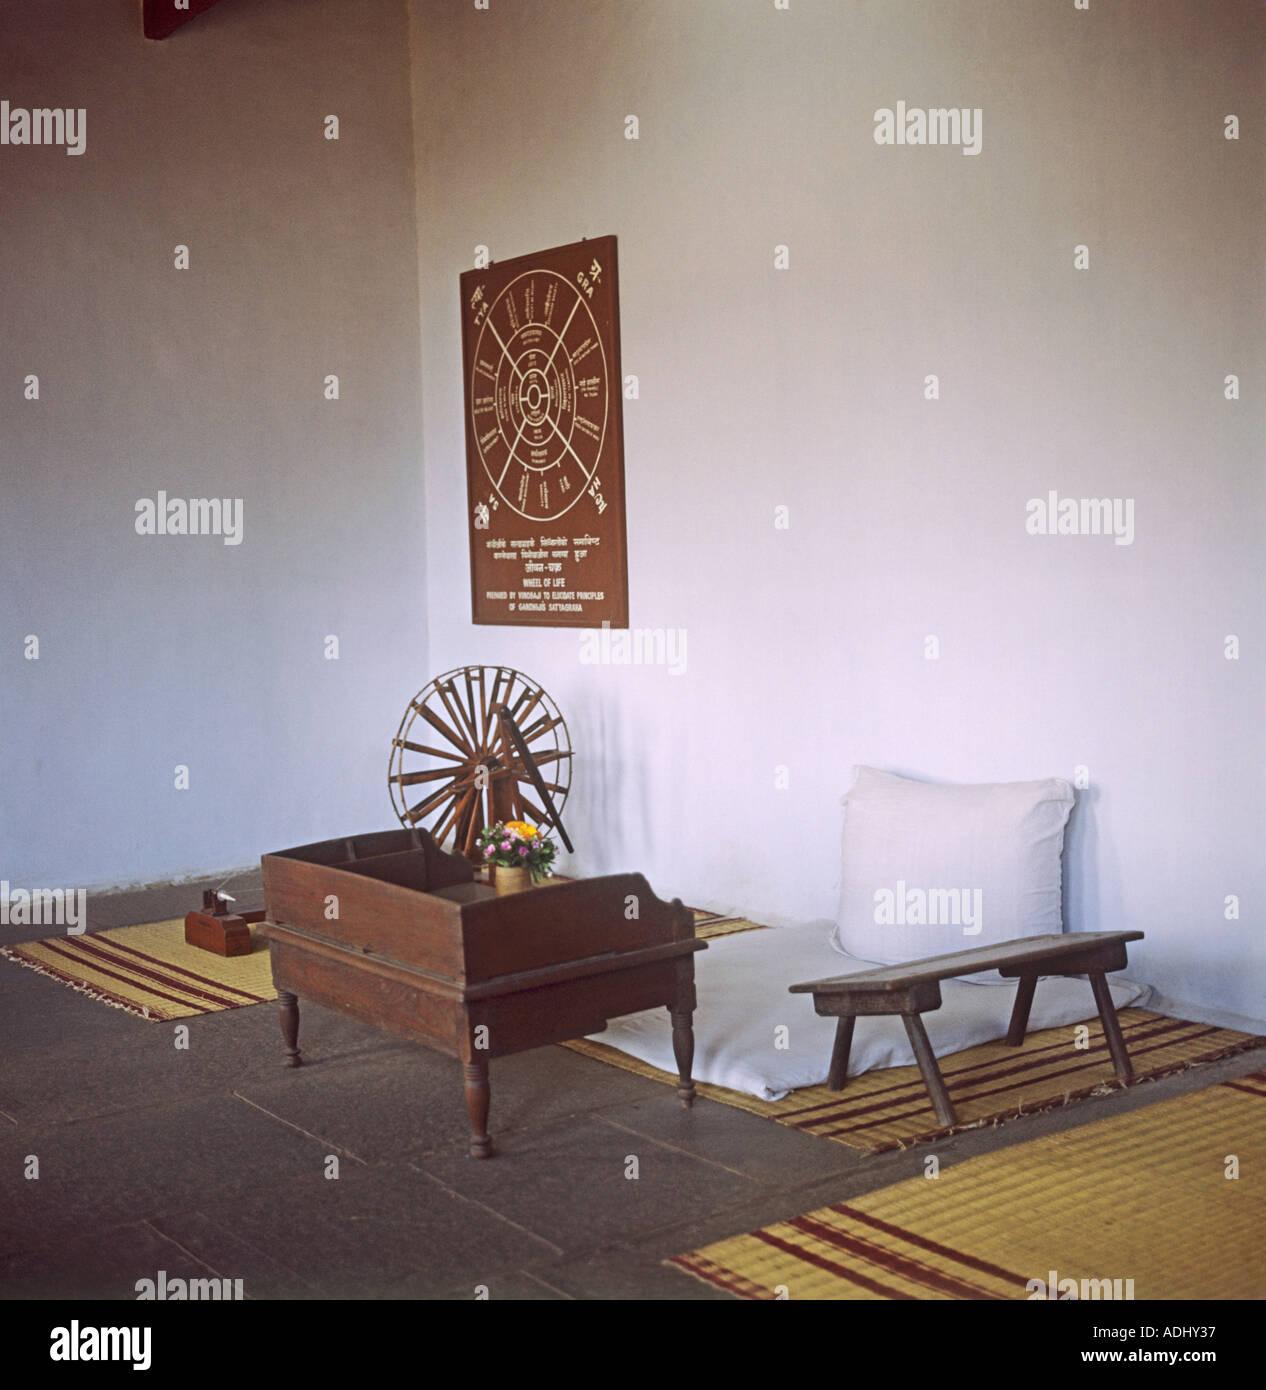 La sala di riposo del Mahatma Gandhi a Ahmedabad dove visse laprima parte della sua vita dopo hisreturn in India dal Sud Africa Immagini Stock